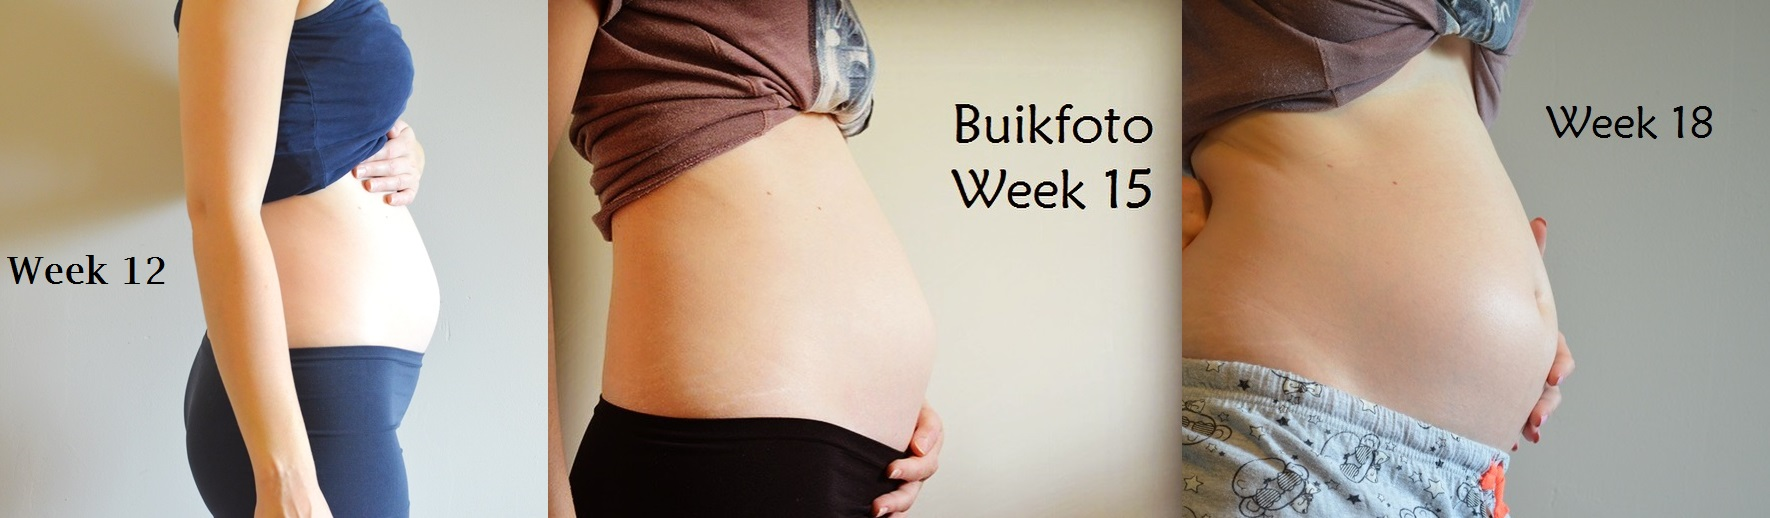 Evolutie Buik Elisejoanne.nl Week 12 tot en met 18